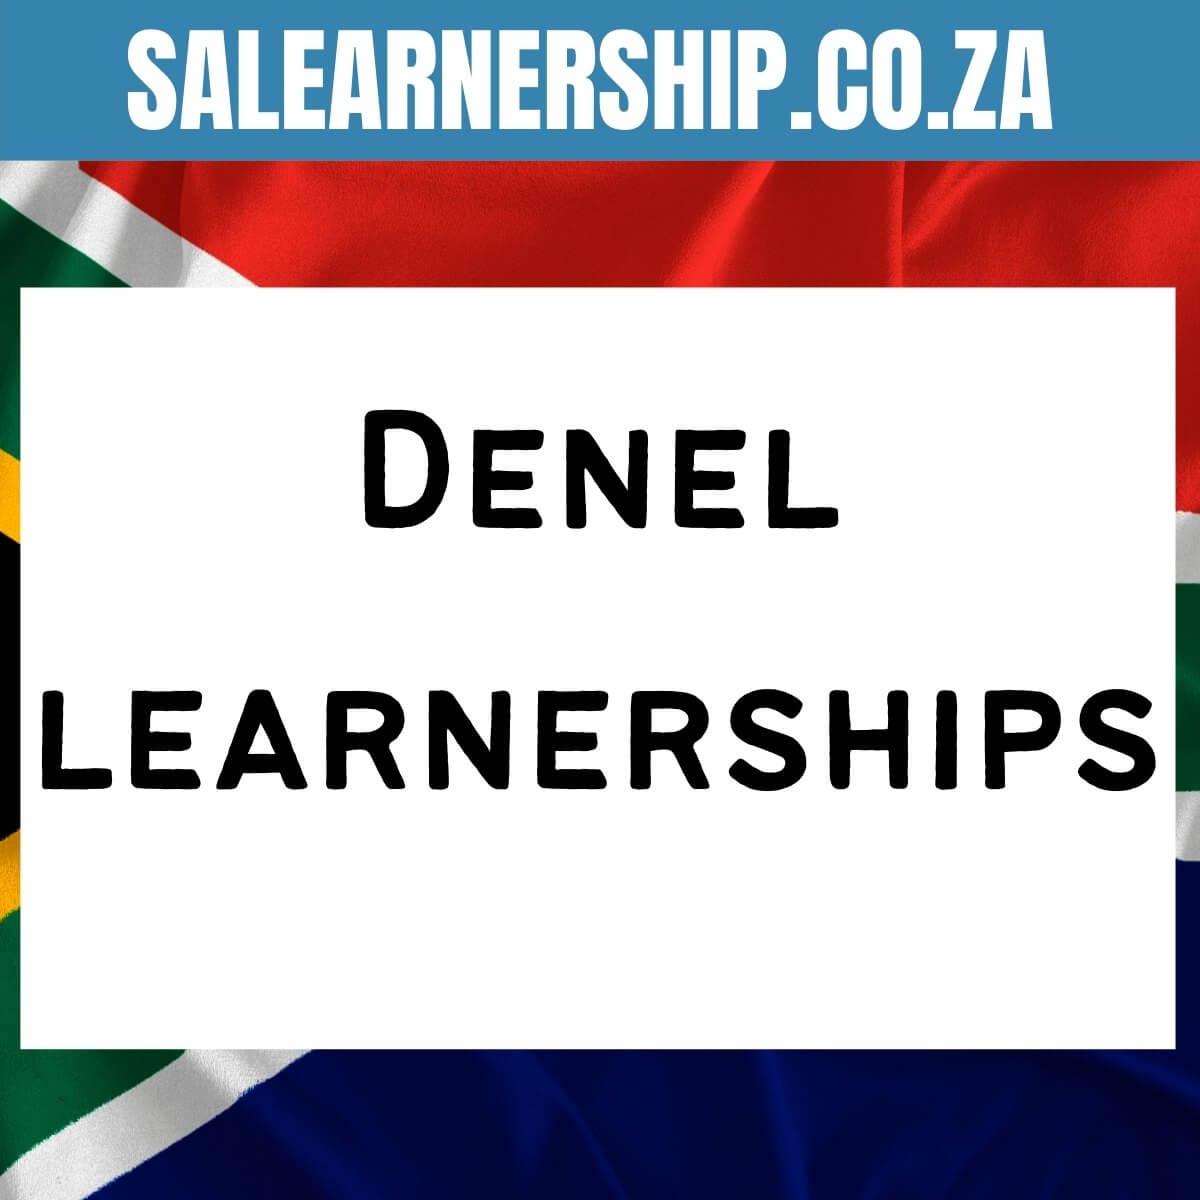 Denel learnerships